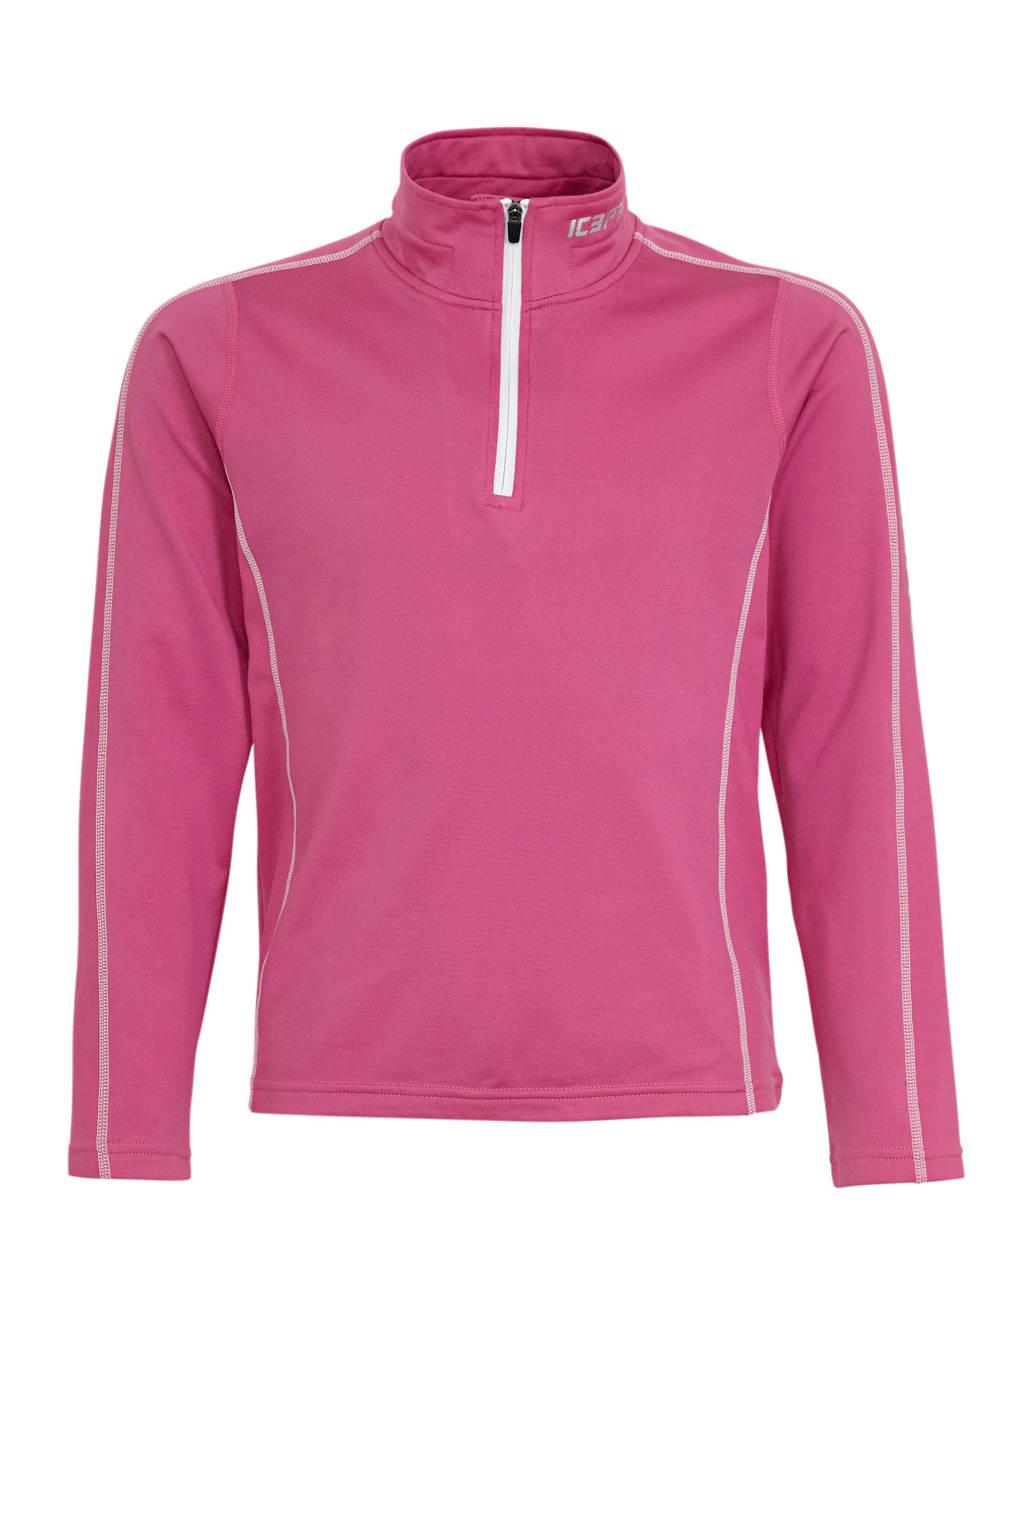 Icepeak skipully Fleminton JR roze/wit, Roze/wit